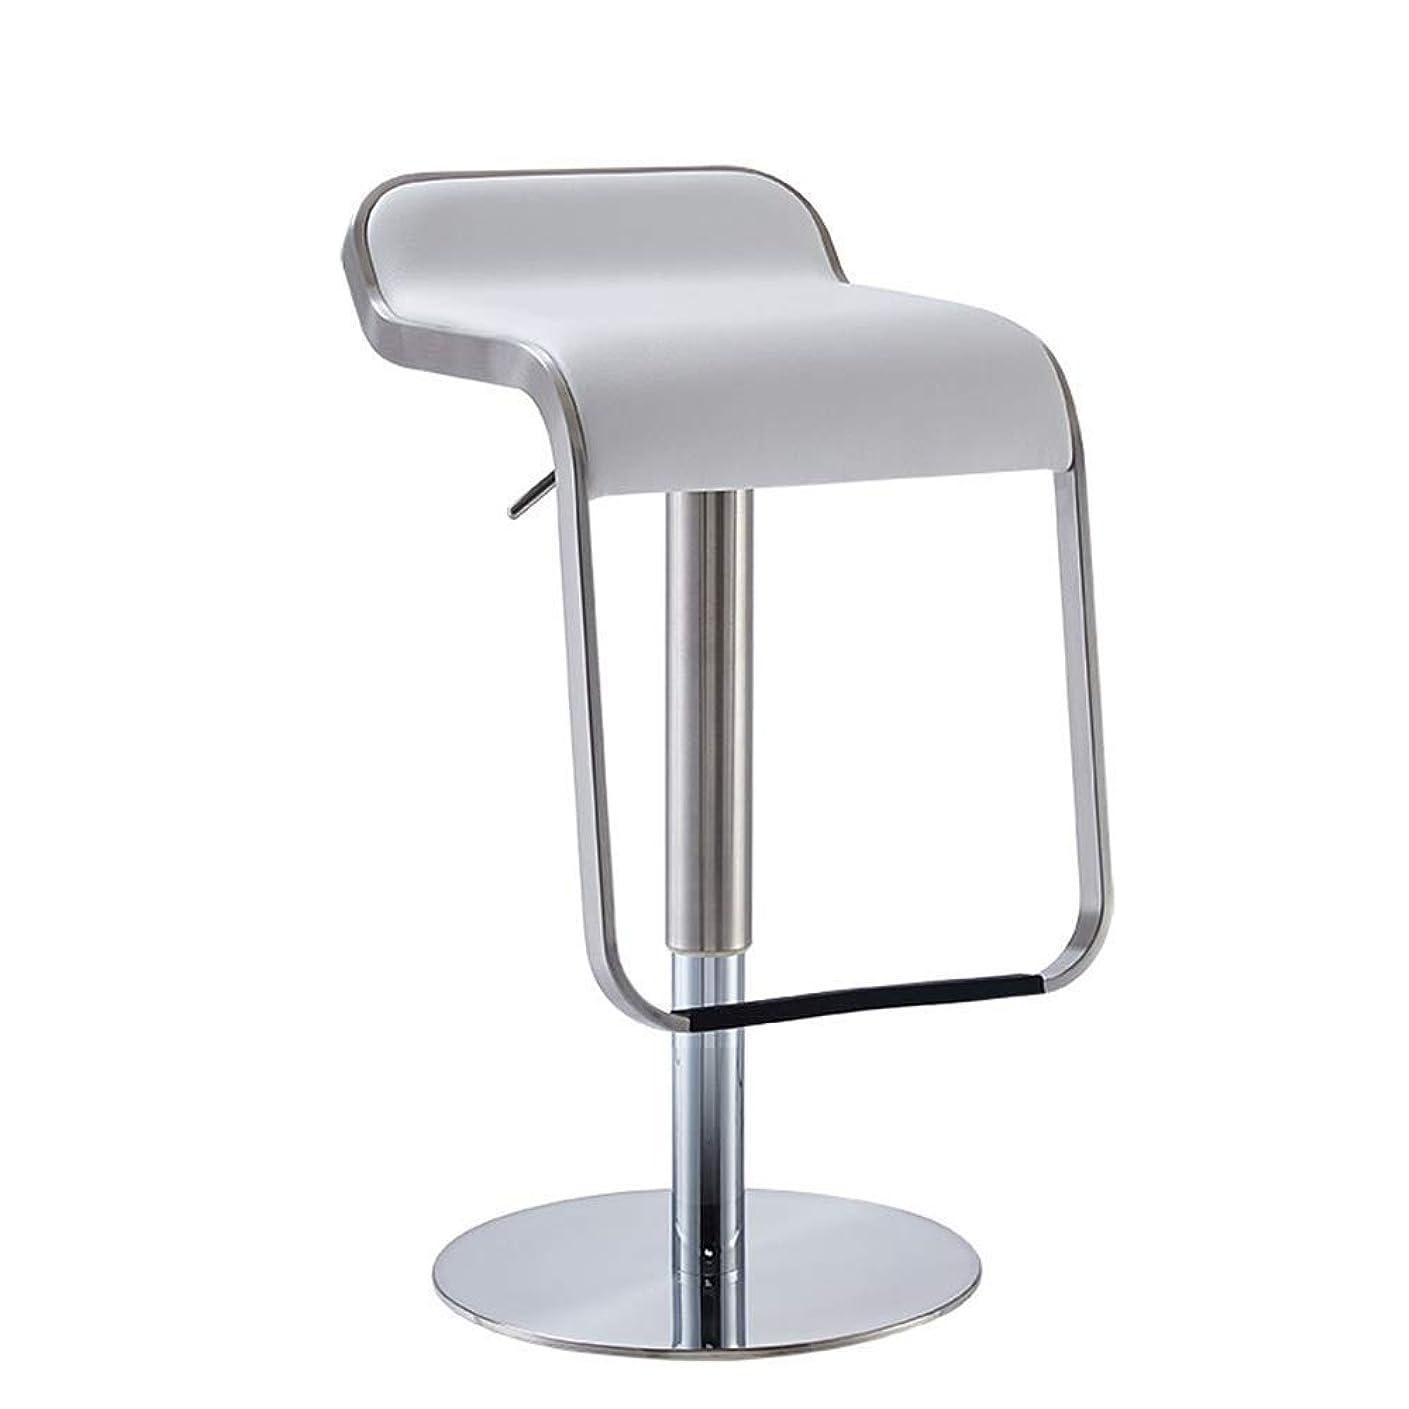 イディオム服を着る湾カウンタースツールモダンデザインバックキッチンバックレスレザーシートステンレススチール回転アセンブリアームレスト調節可能なバーチェア FENPING (Color : White)